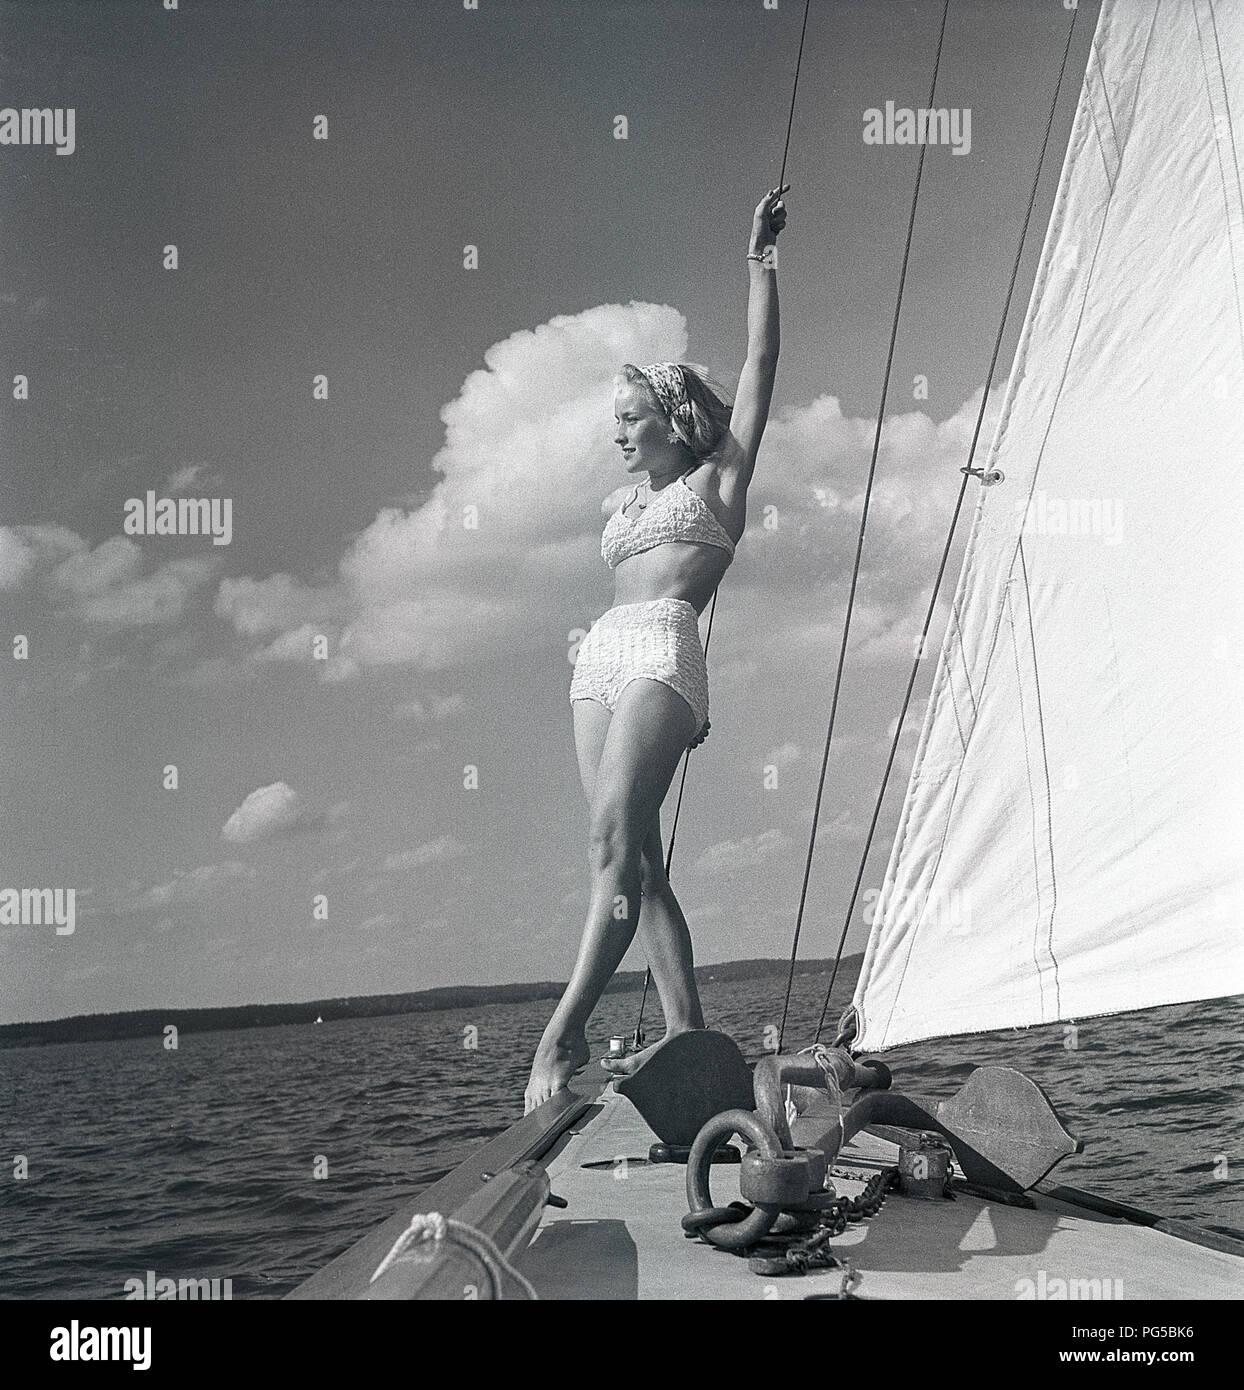 1940 s Segelboot. Eine junge Frau ist an Bord eine modische Segelboot und steht auf Deck, wenn es vorwärts Kreuzfahrten mit Wind in den Segeln. Sie trägt eine typische 40er Jahre Zweiteiliger Badeanzug. Schweden 1946 Foto Kristoffersson ref AC 101-4 Stockbild